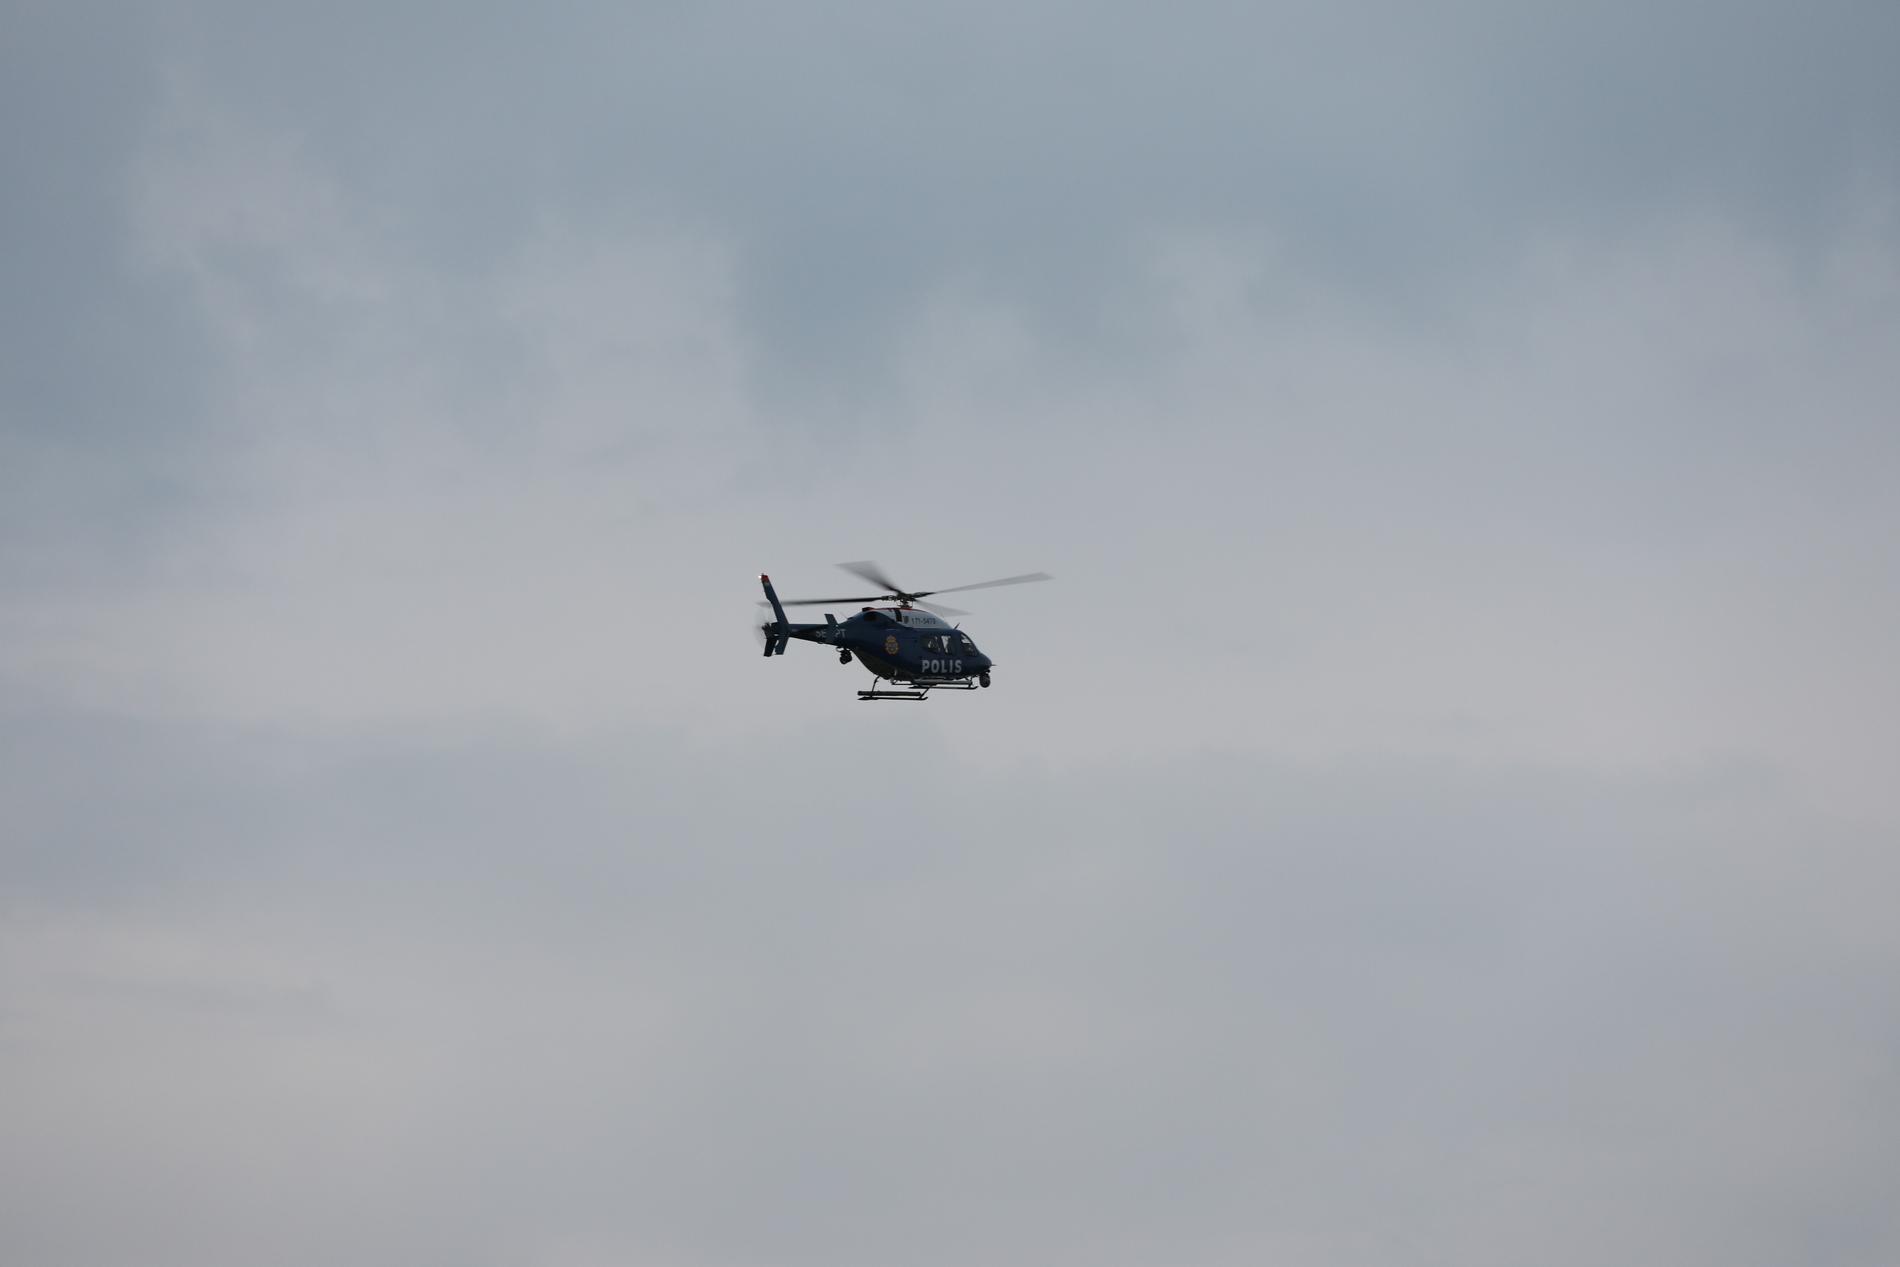 Helikopter har undersökt bland annat ett område vid en damm.